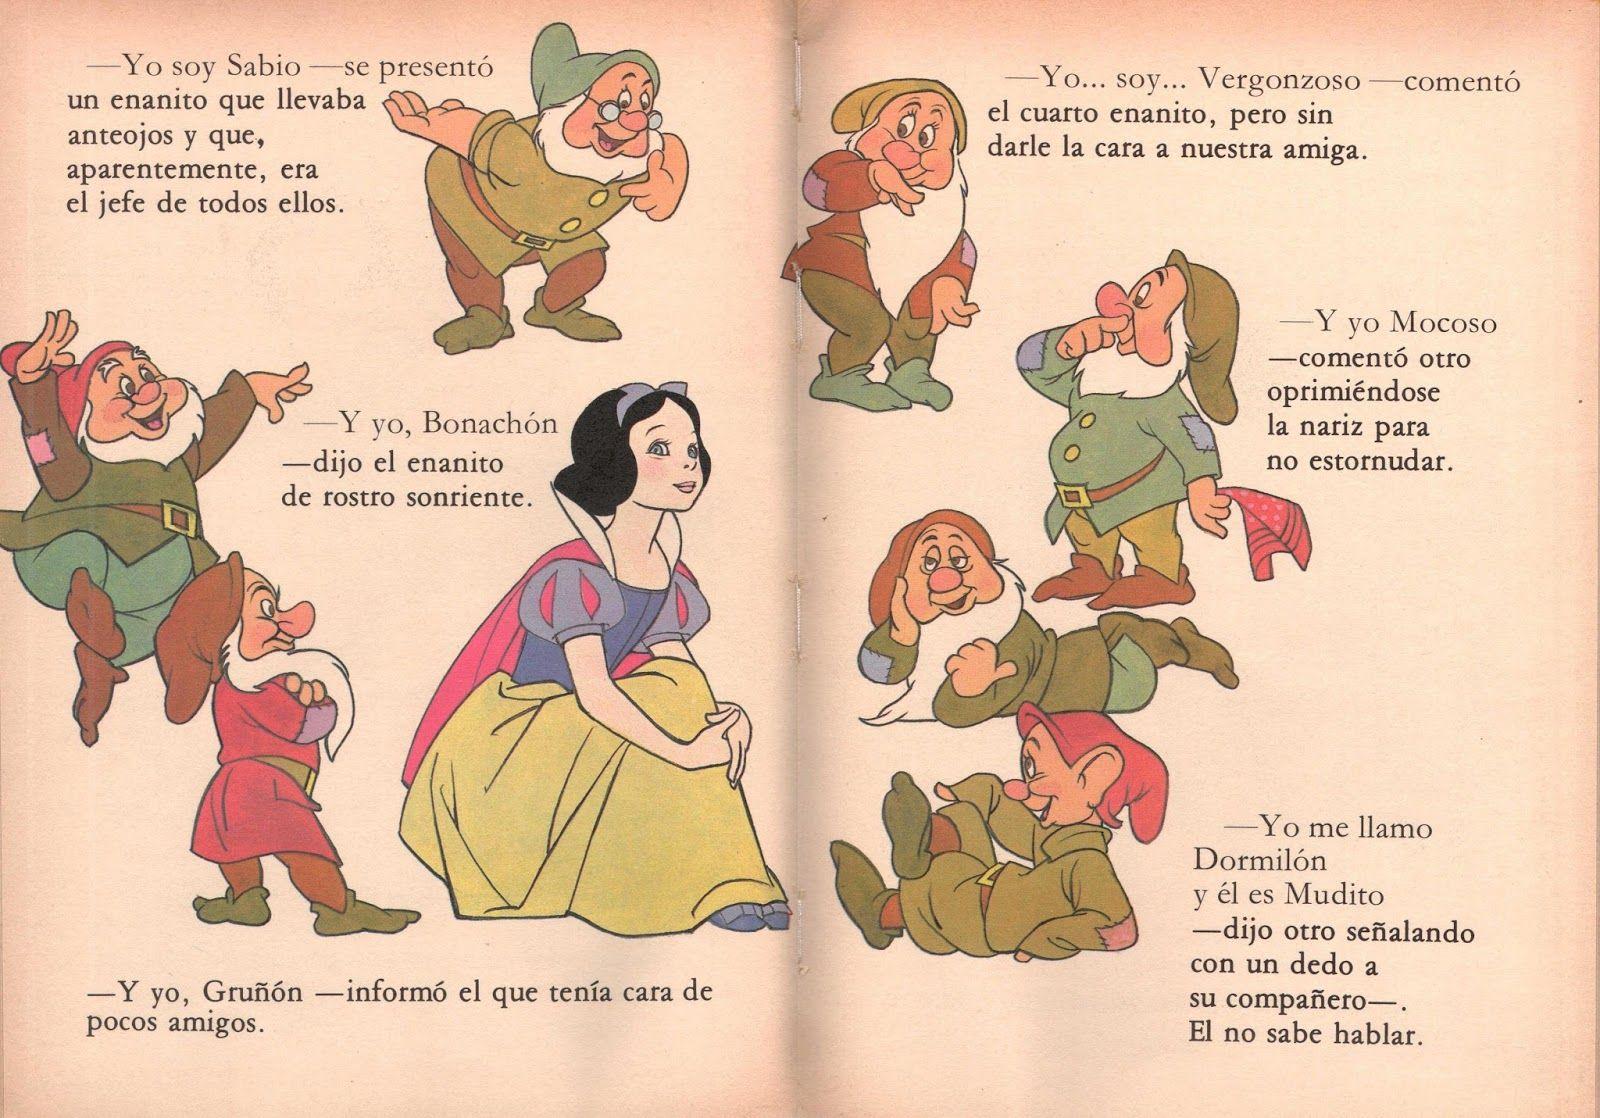 Blancanieves Y Los Siete Enanitos Cuentos Infantiles Cortos Para Niños Comics Peanuts Comics